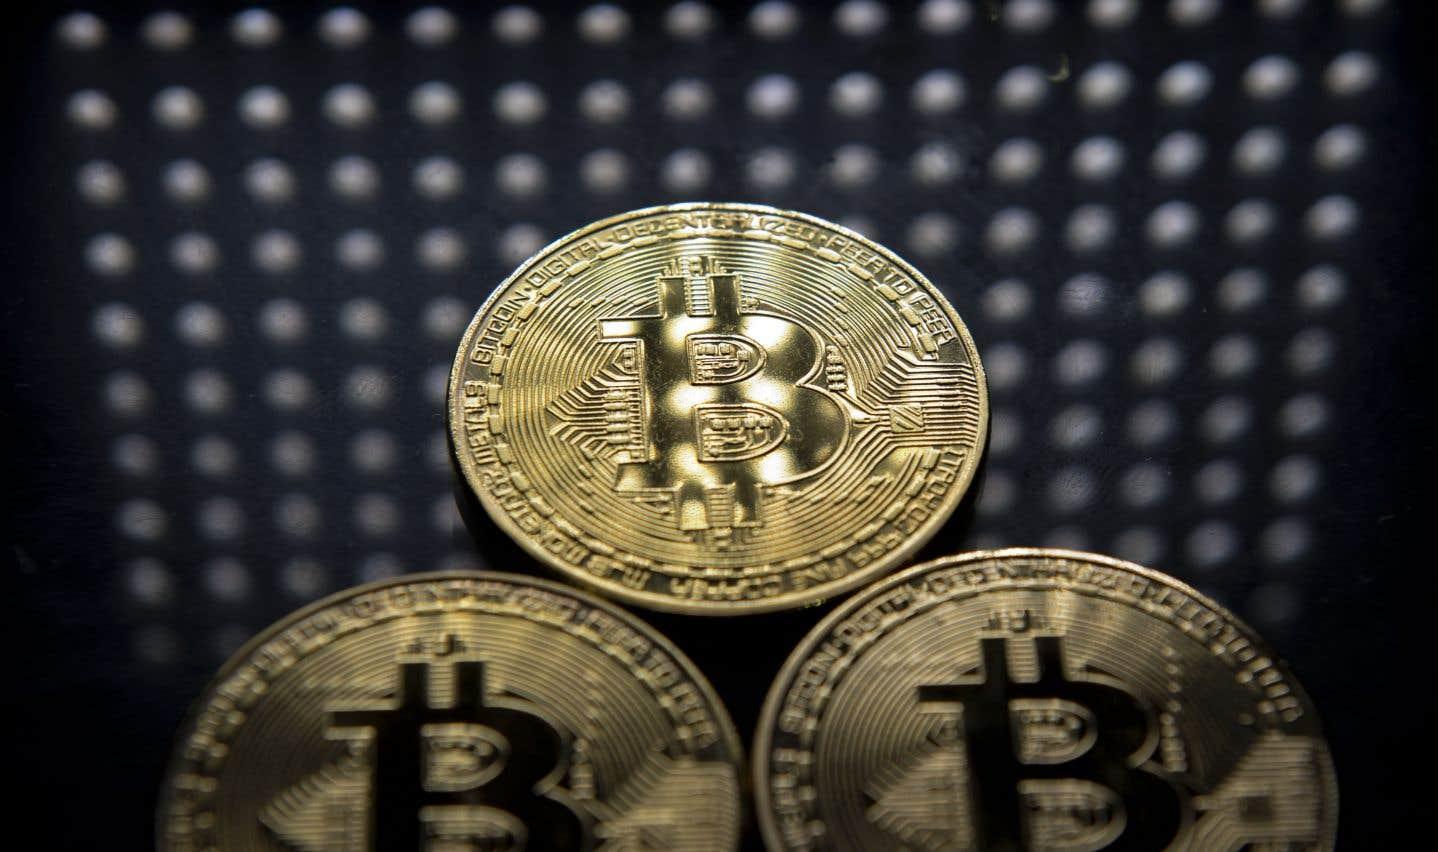 L'utilisation du bitcoin a fait l'objet de multiples avertissements à travers le monde, de la part des autorités et des banquiers centraux.